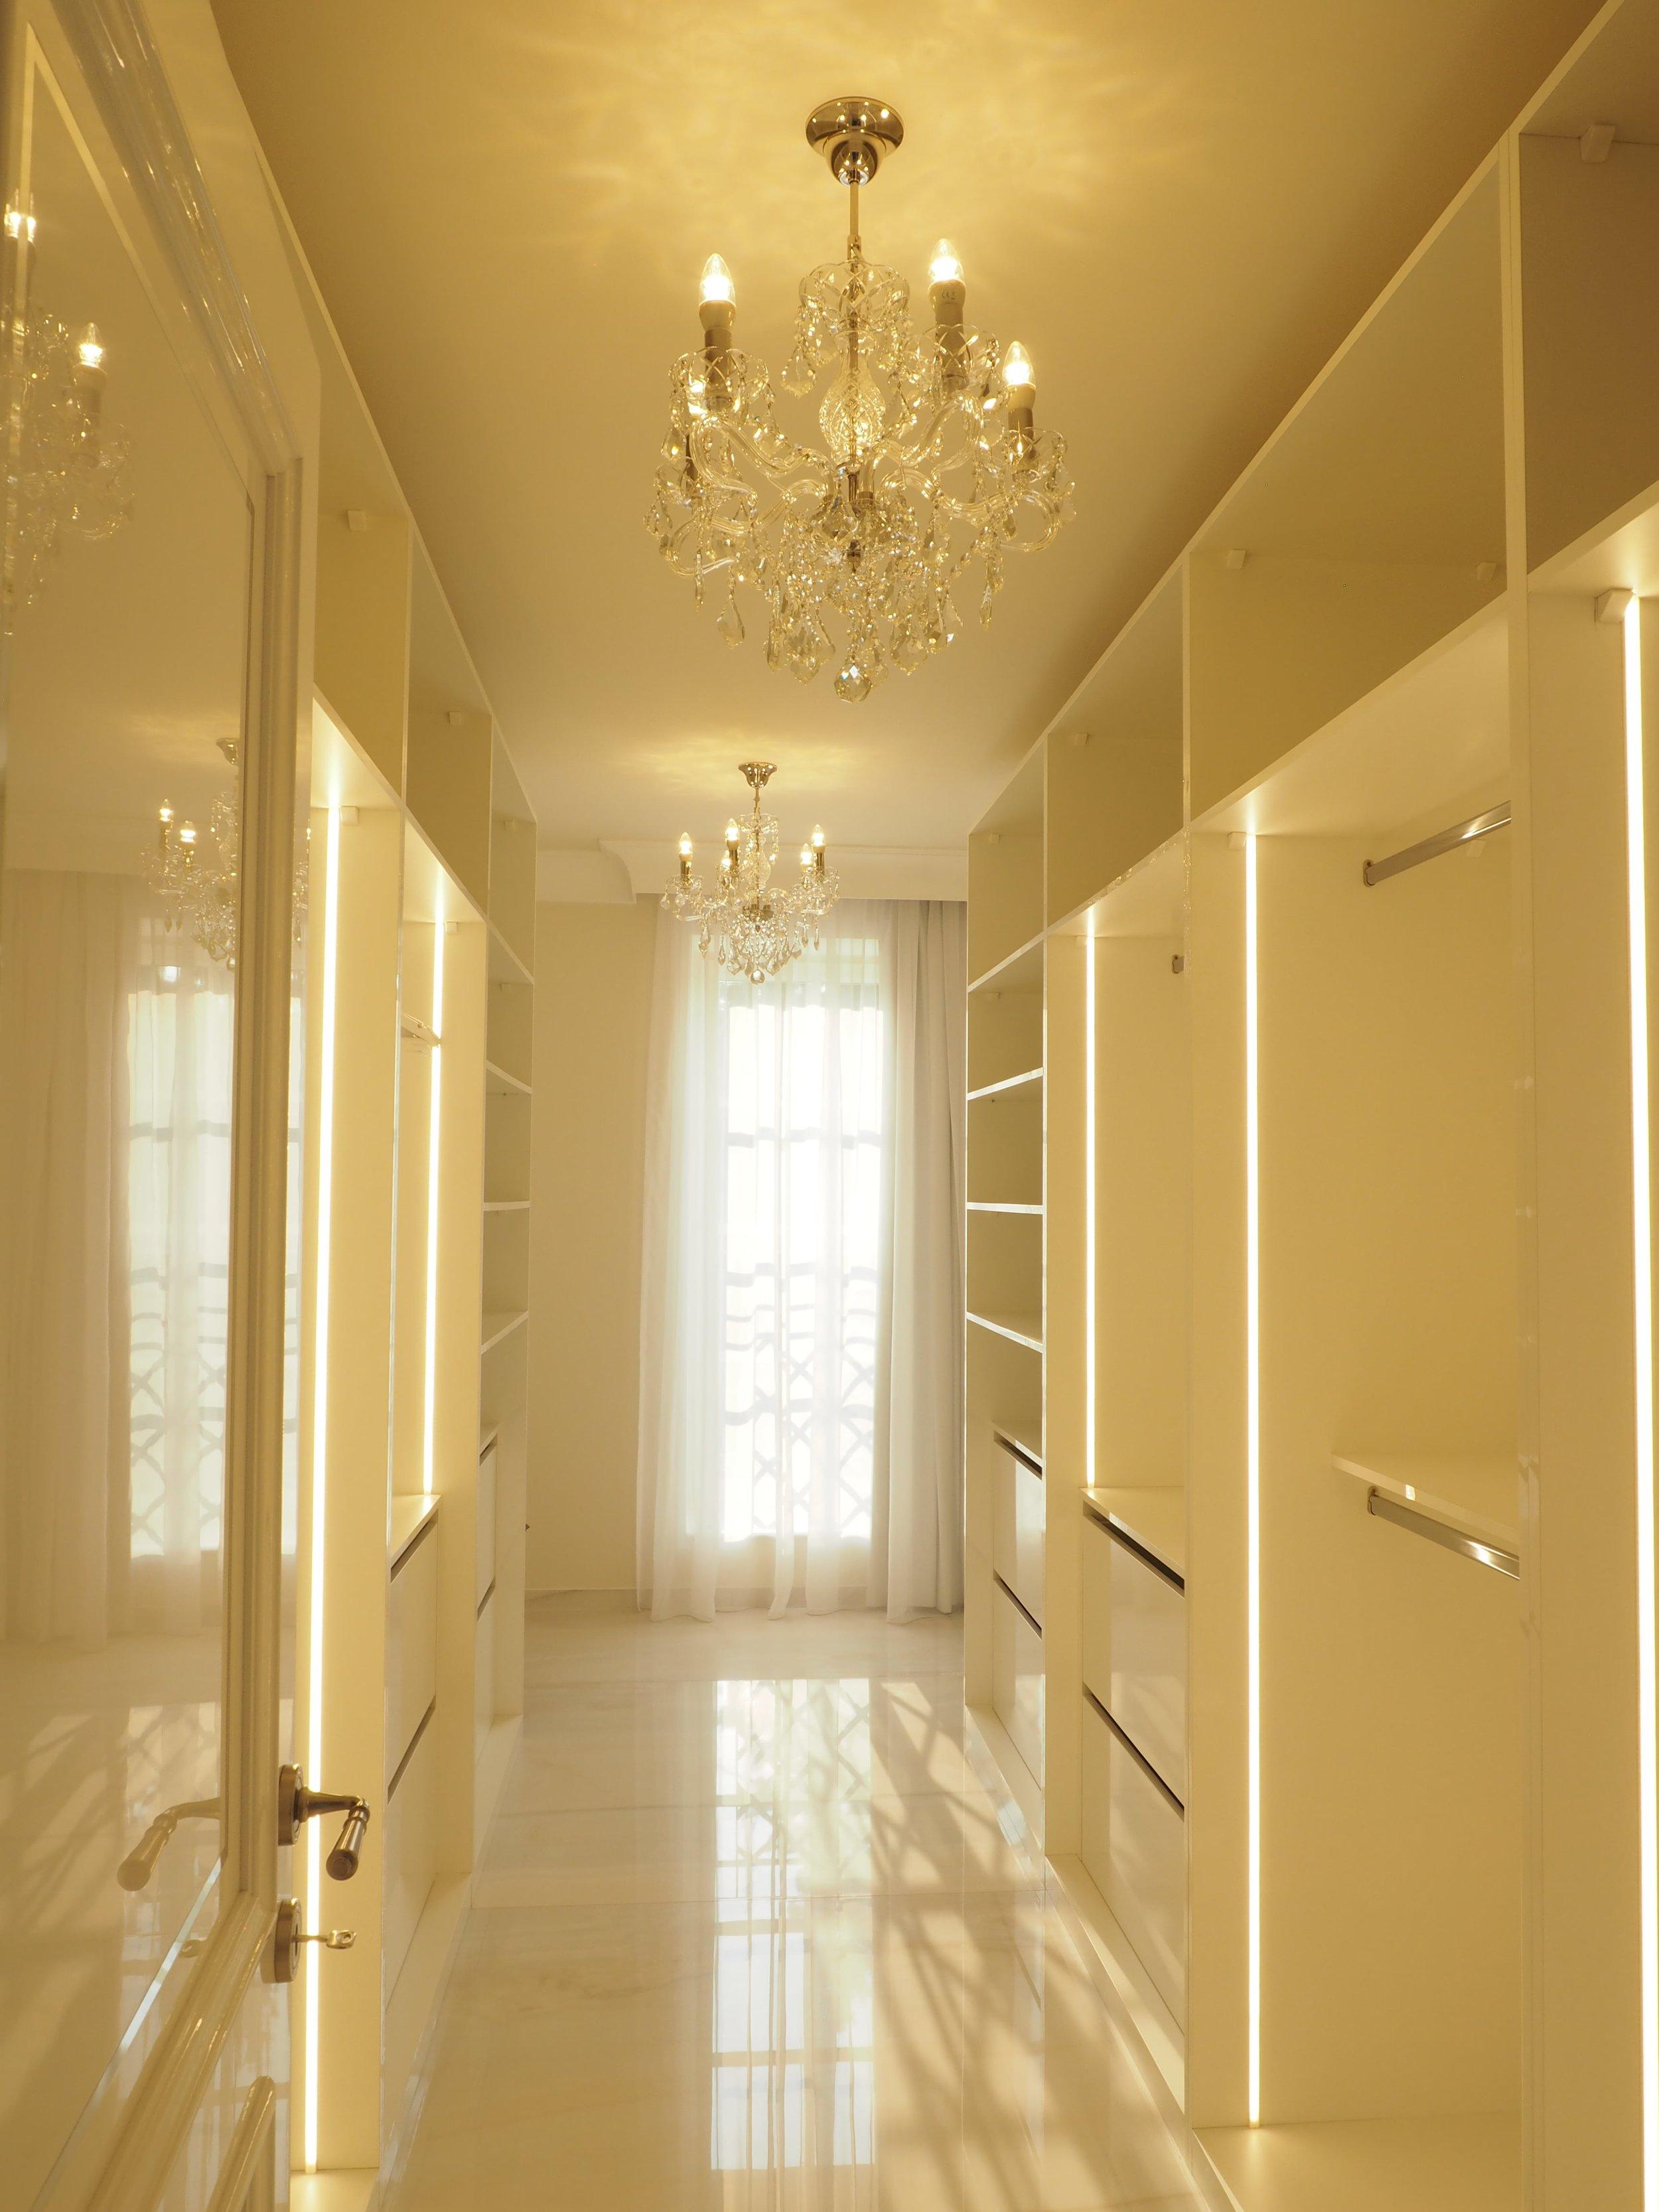 private-villa-prague-wranovsky-crystal-chandeliers-8-min.JPG